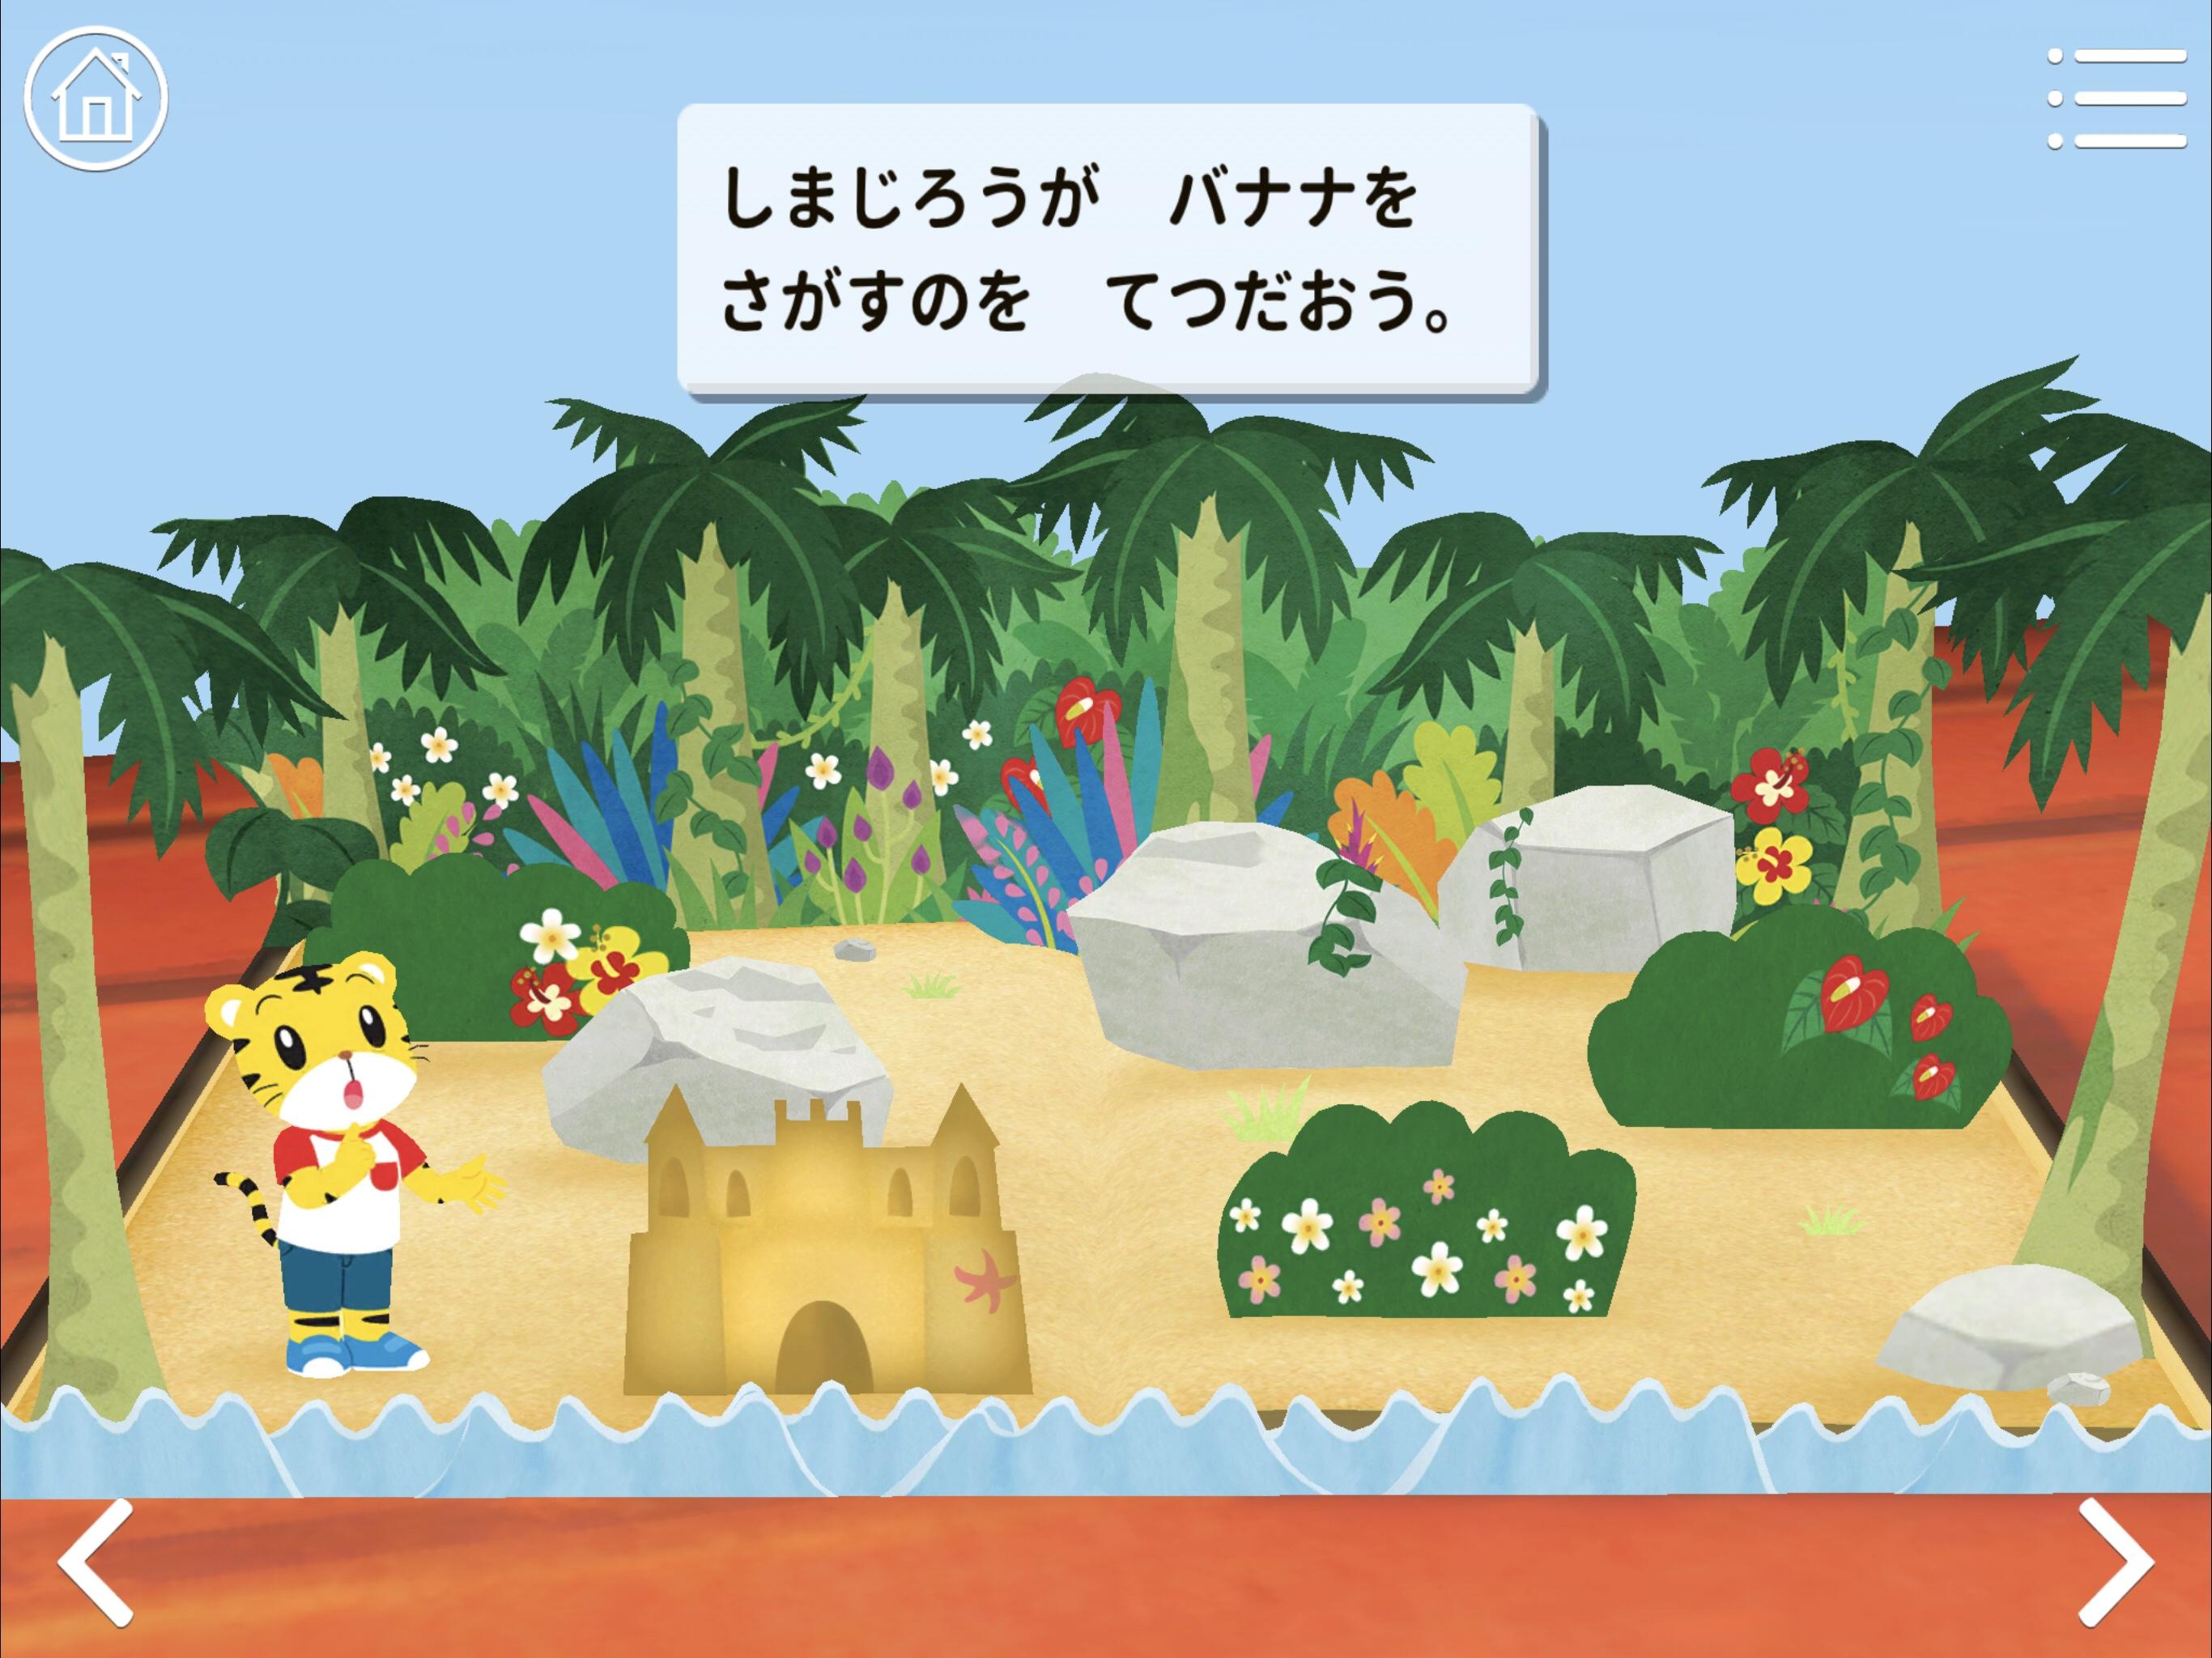 謎解きゲームの画面